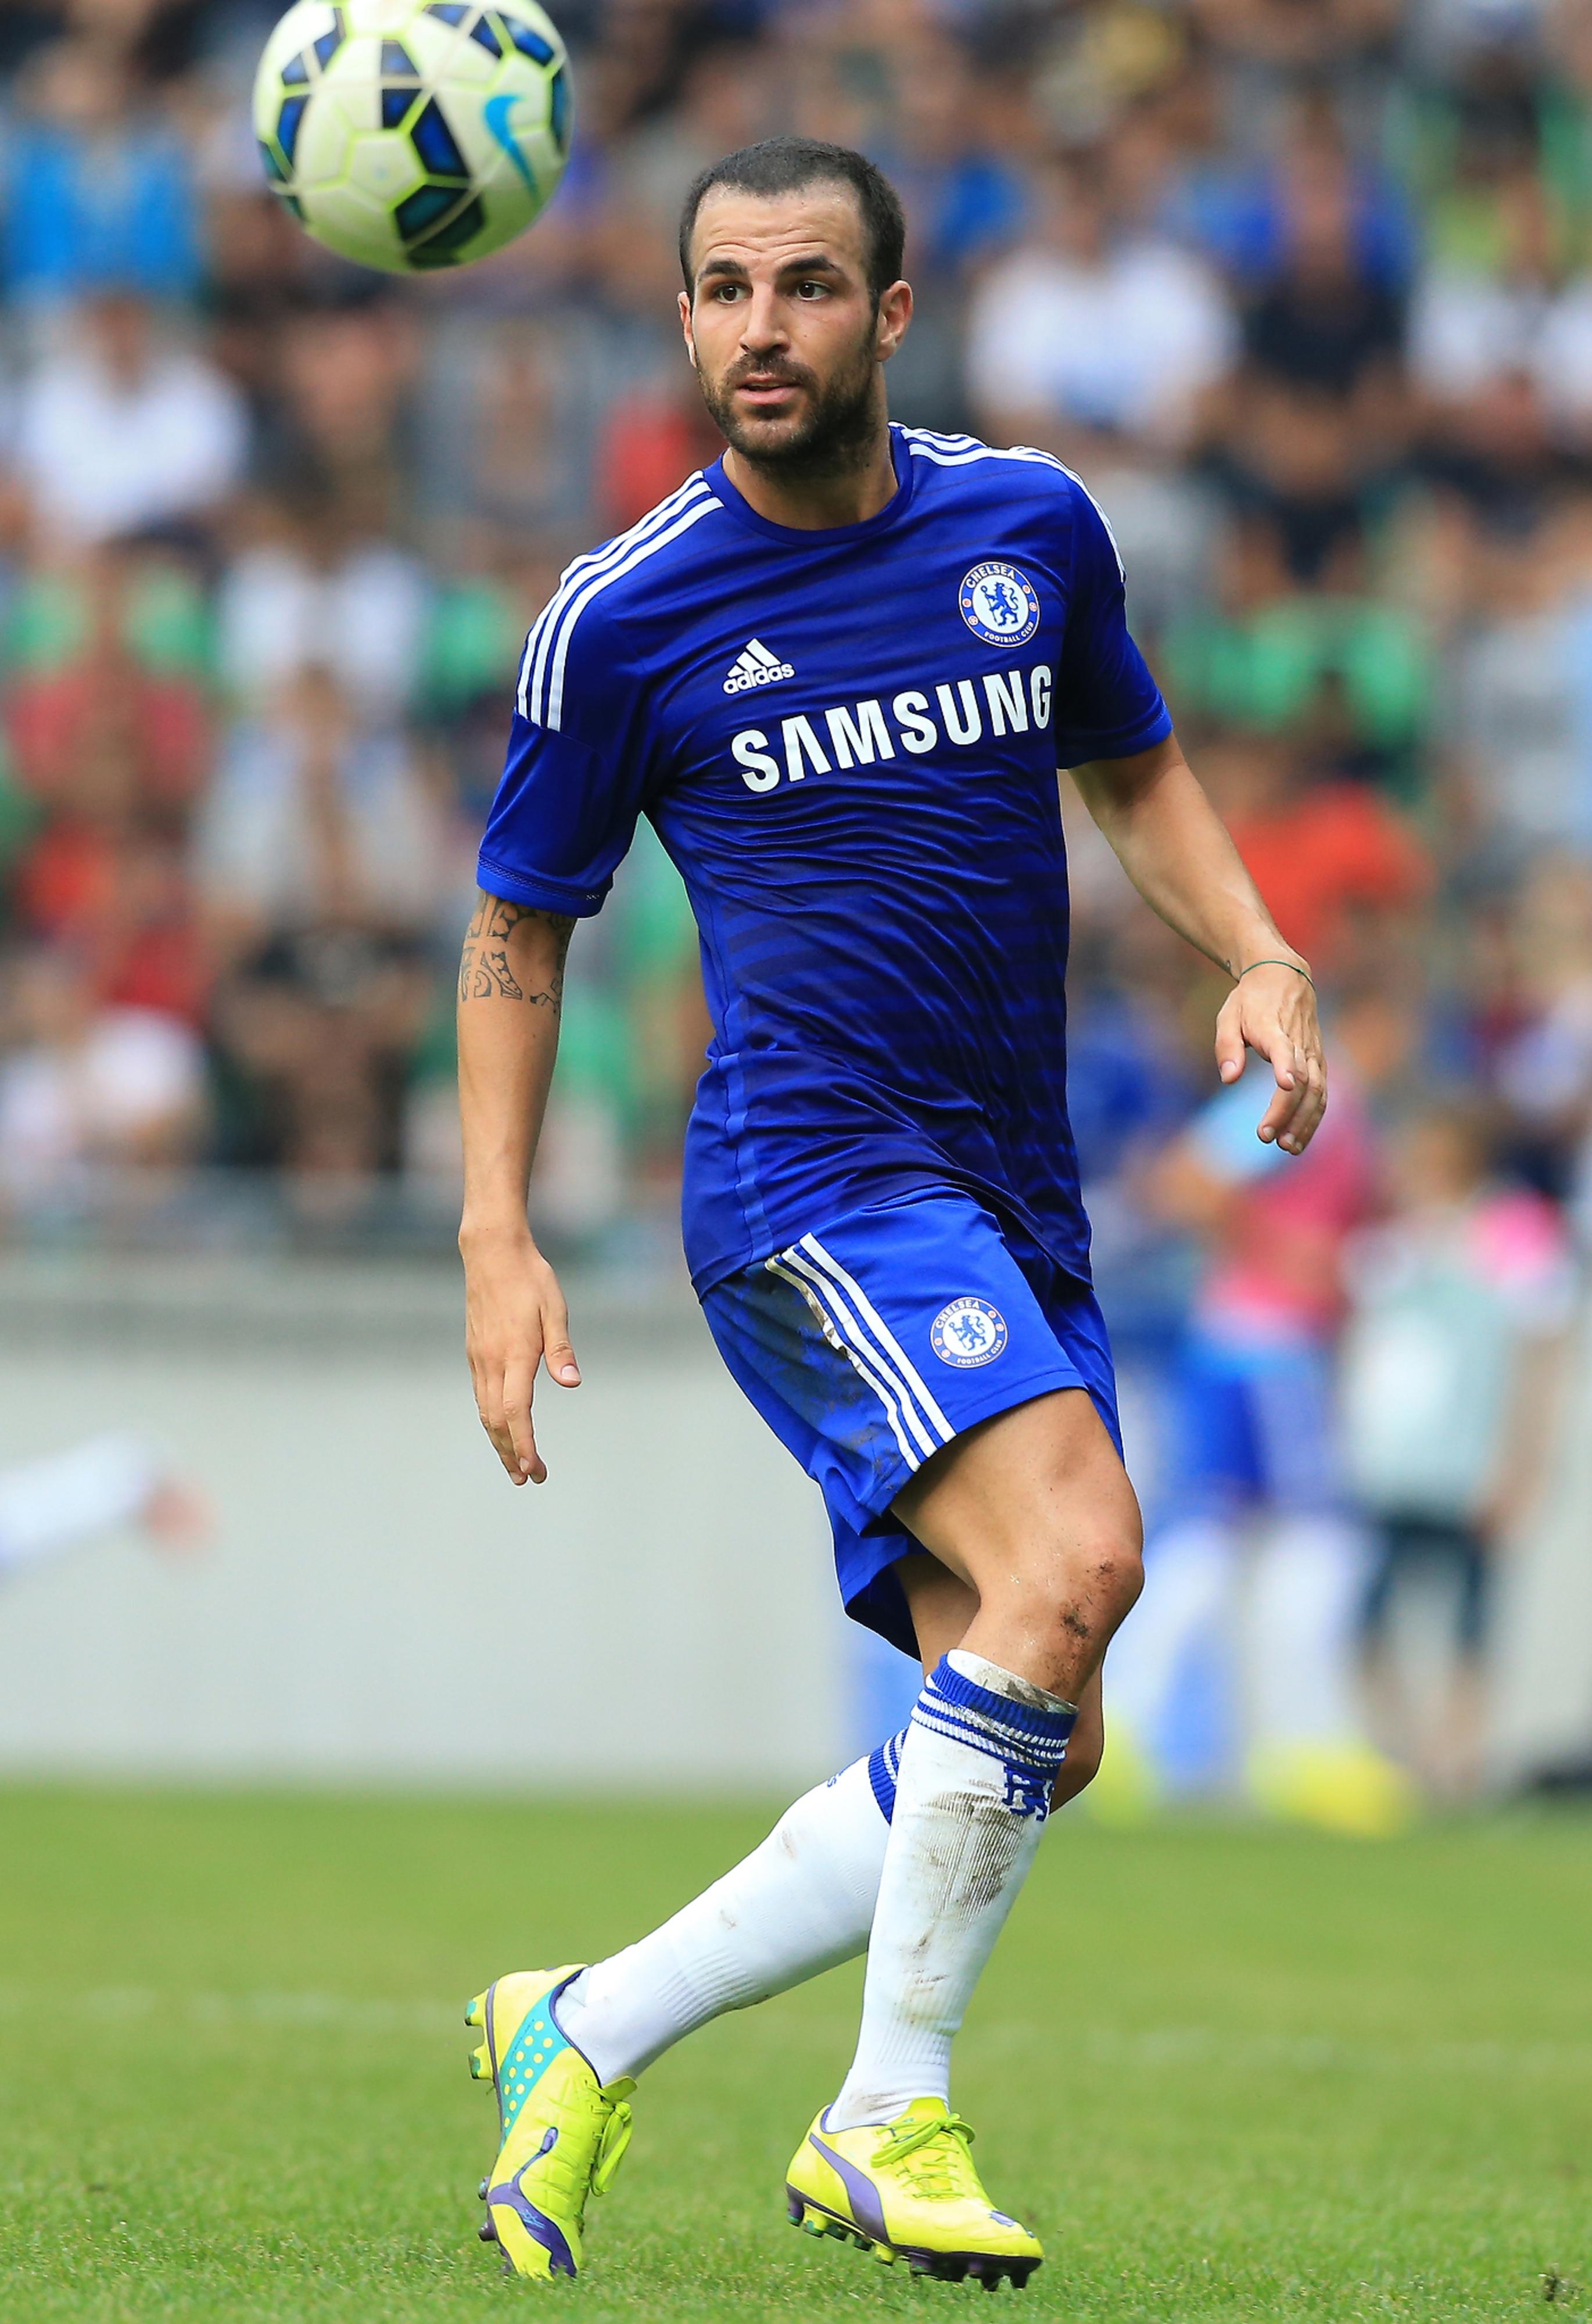 Spanish midfielder Cesc Fabregas has swapped Barcelona for Chelsea